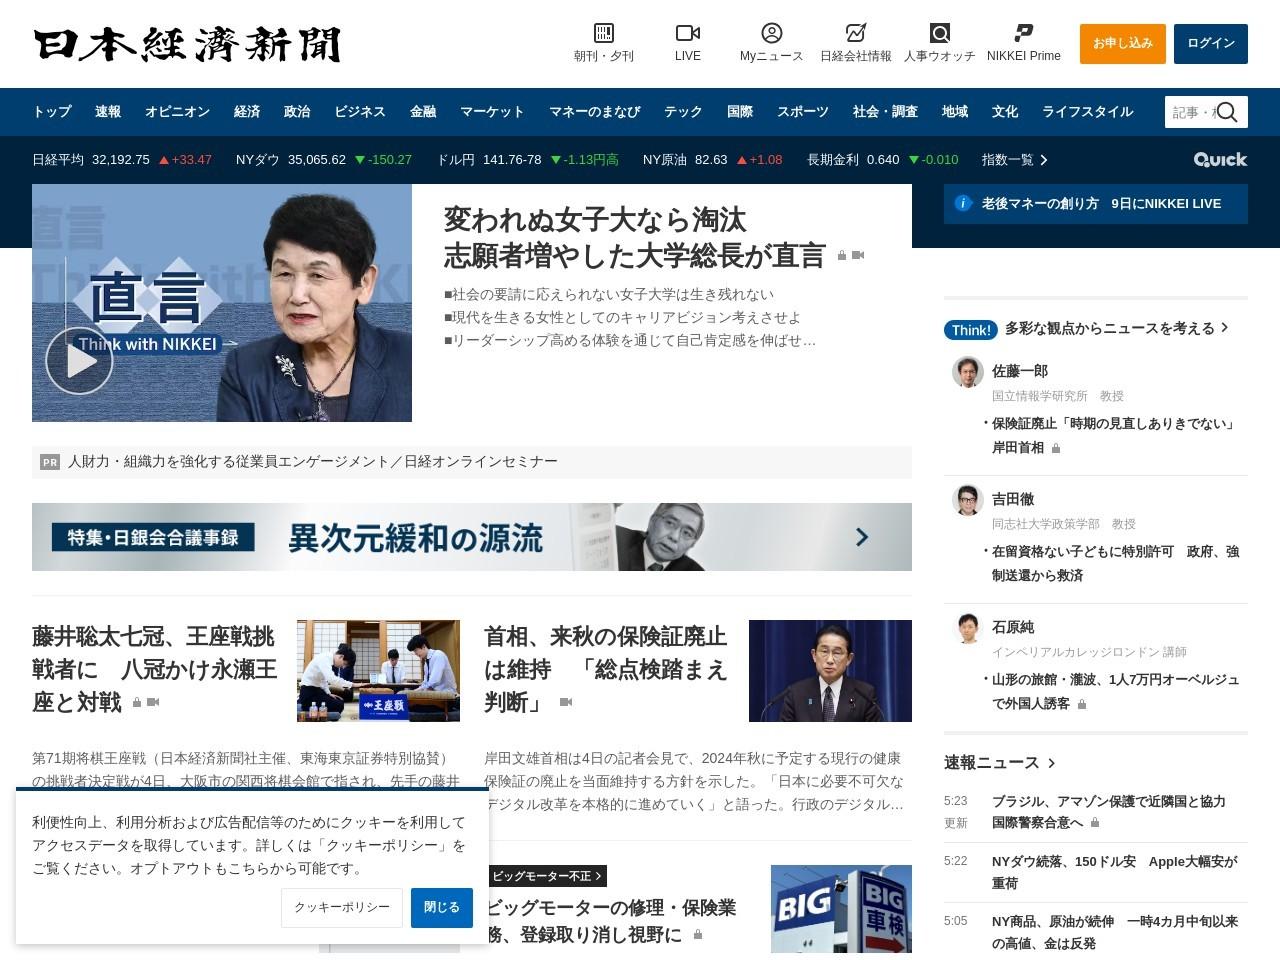 安室奈美恵さん首位、190億円 18年の音楽ソフト販売